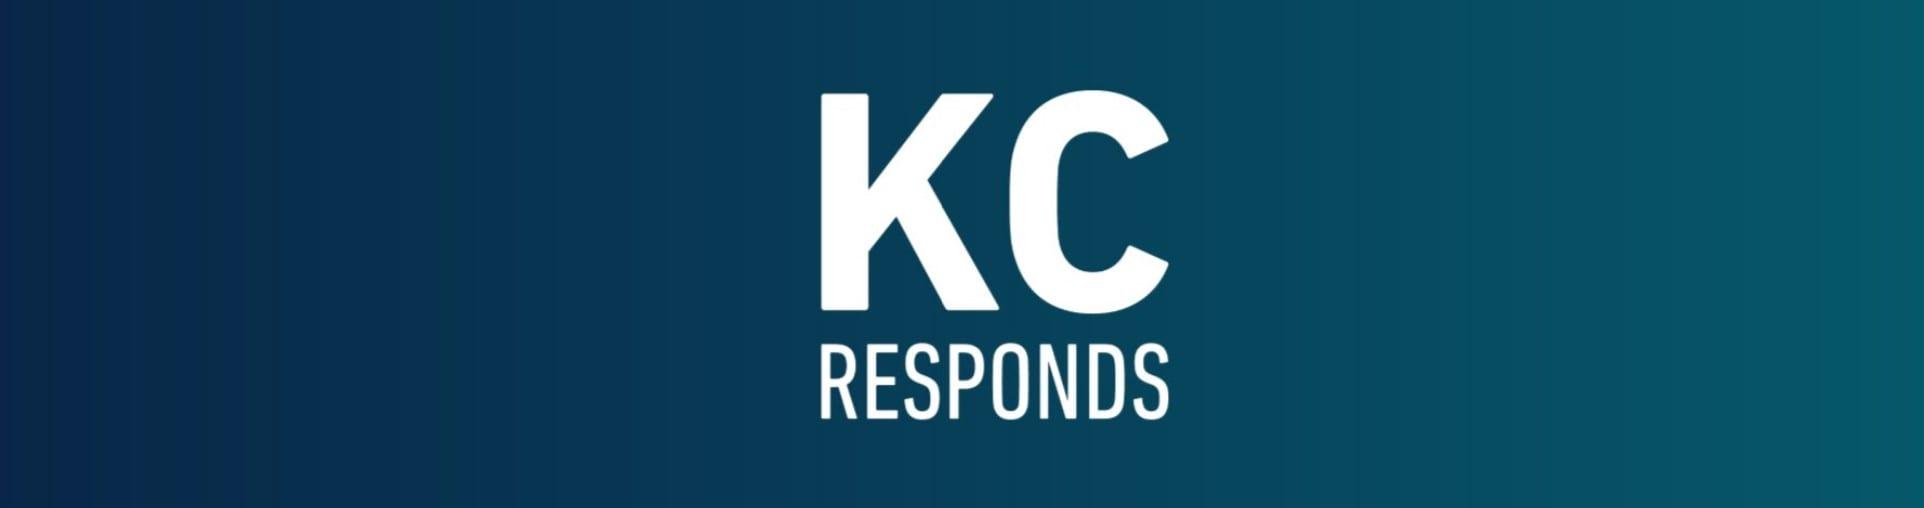 Kc Responds Name Logo